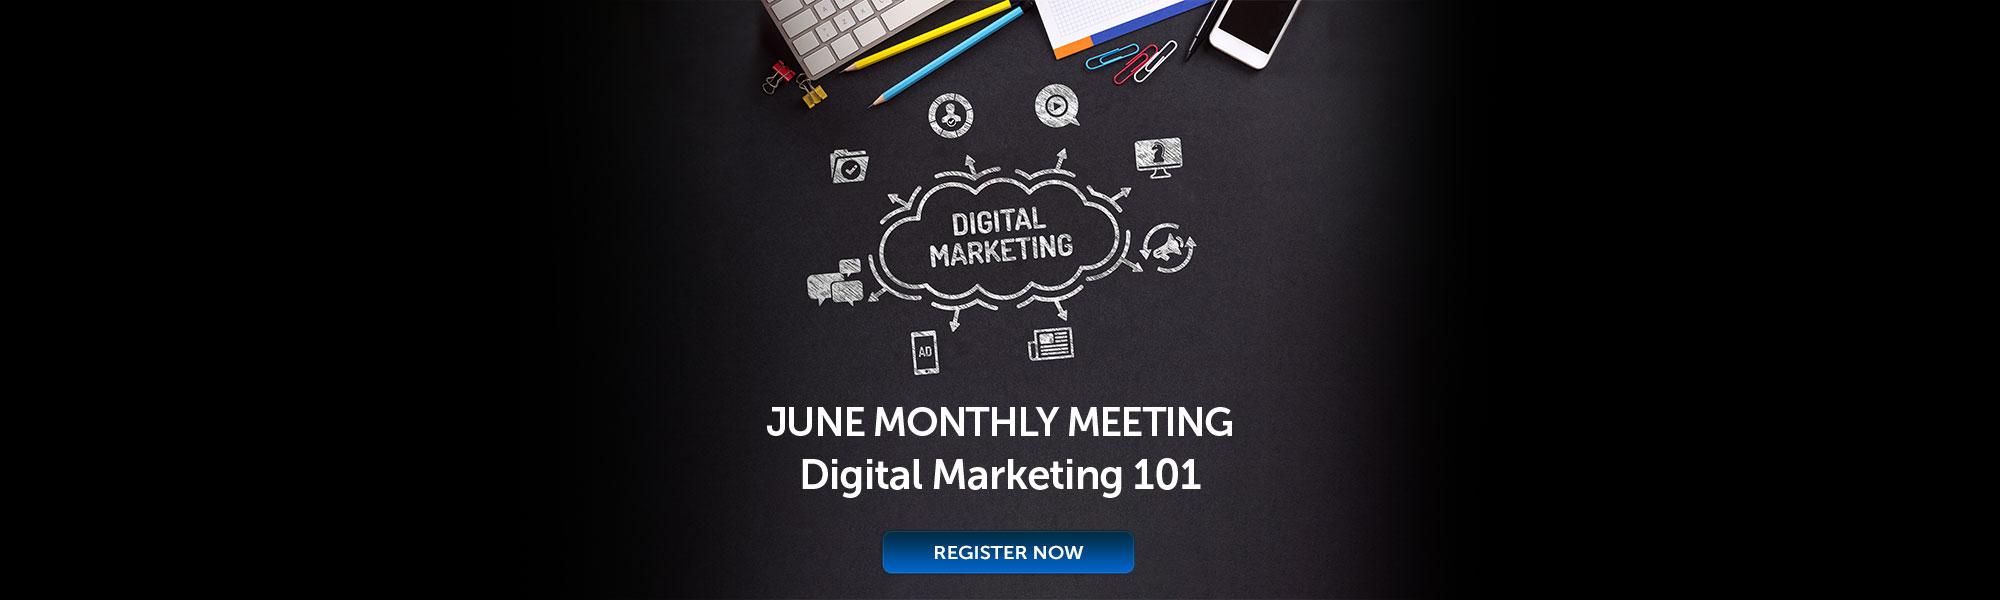 2018 06 monthly meeting desktop